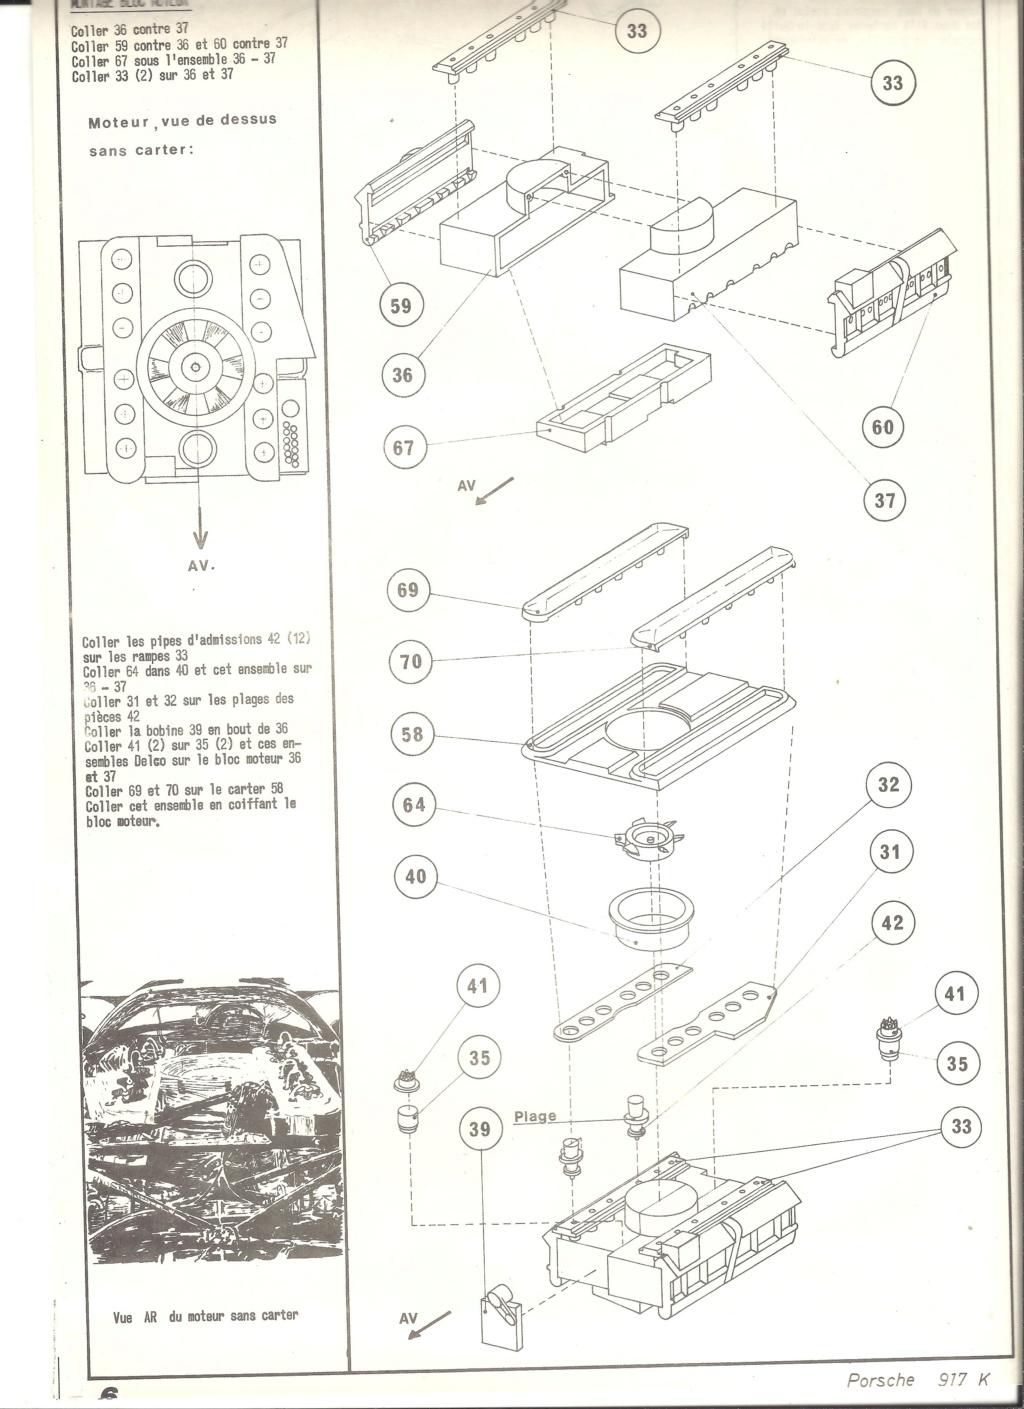 PORSCHE 917 K 1/24ème Réf L 742 Helle876